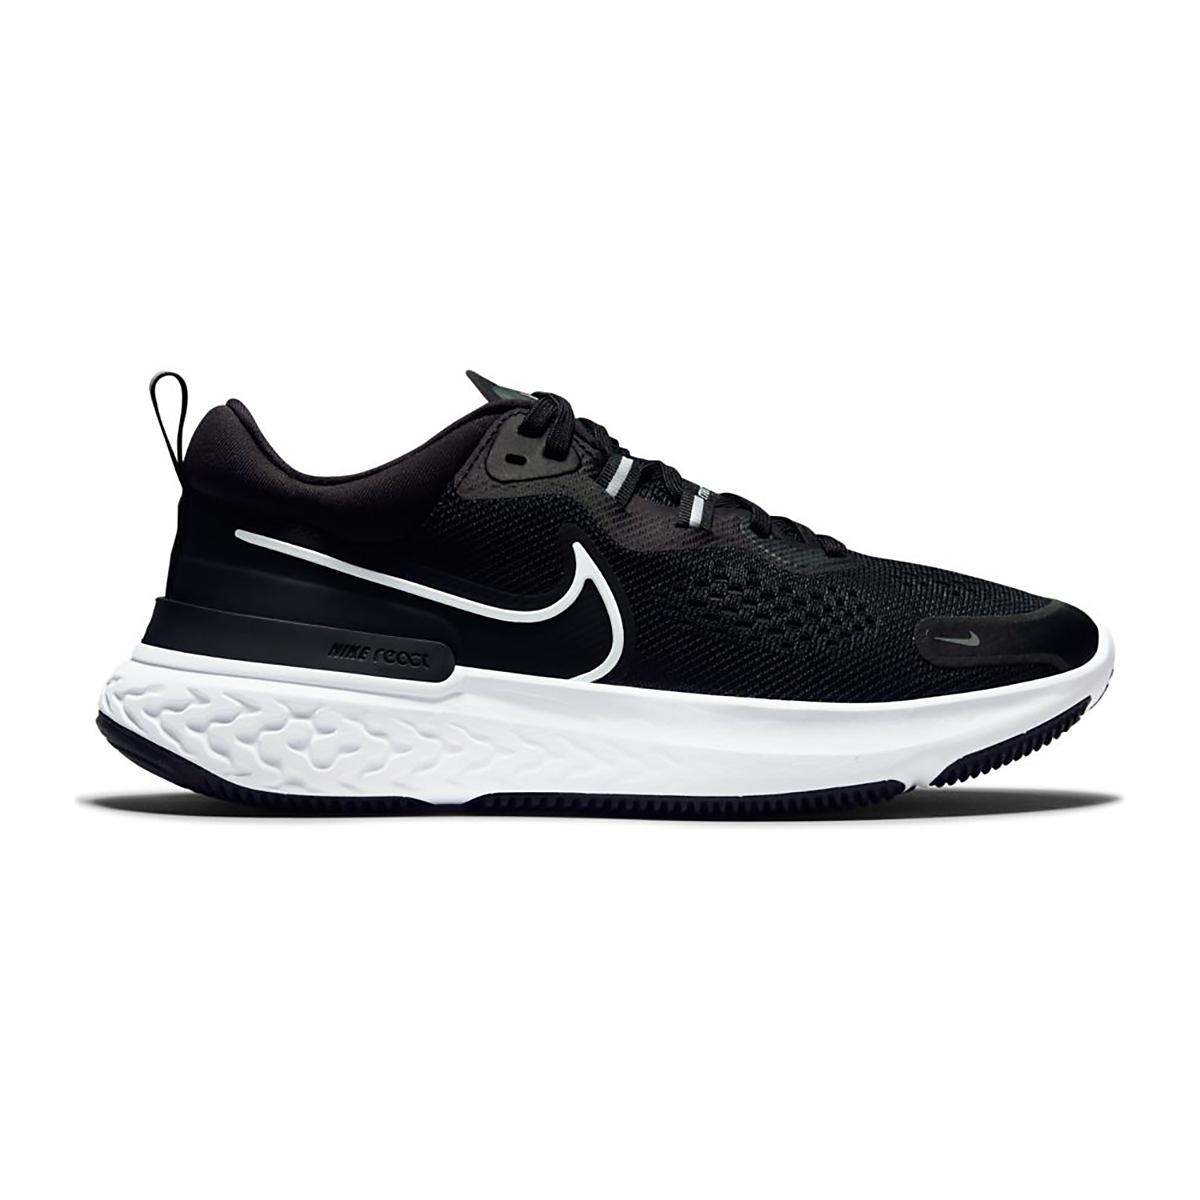 Women's Nike React Miler 2 Running Shoe - Color: Black/White/Smoke Grey - Size: 5.5 - Width: Regular, Black/White/Smoke Grey, large, image 1